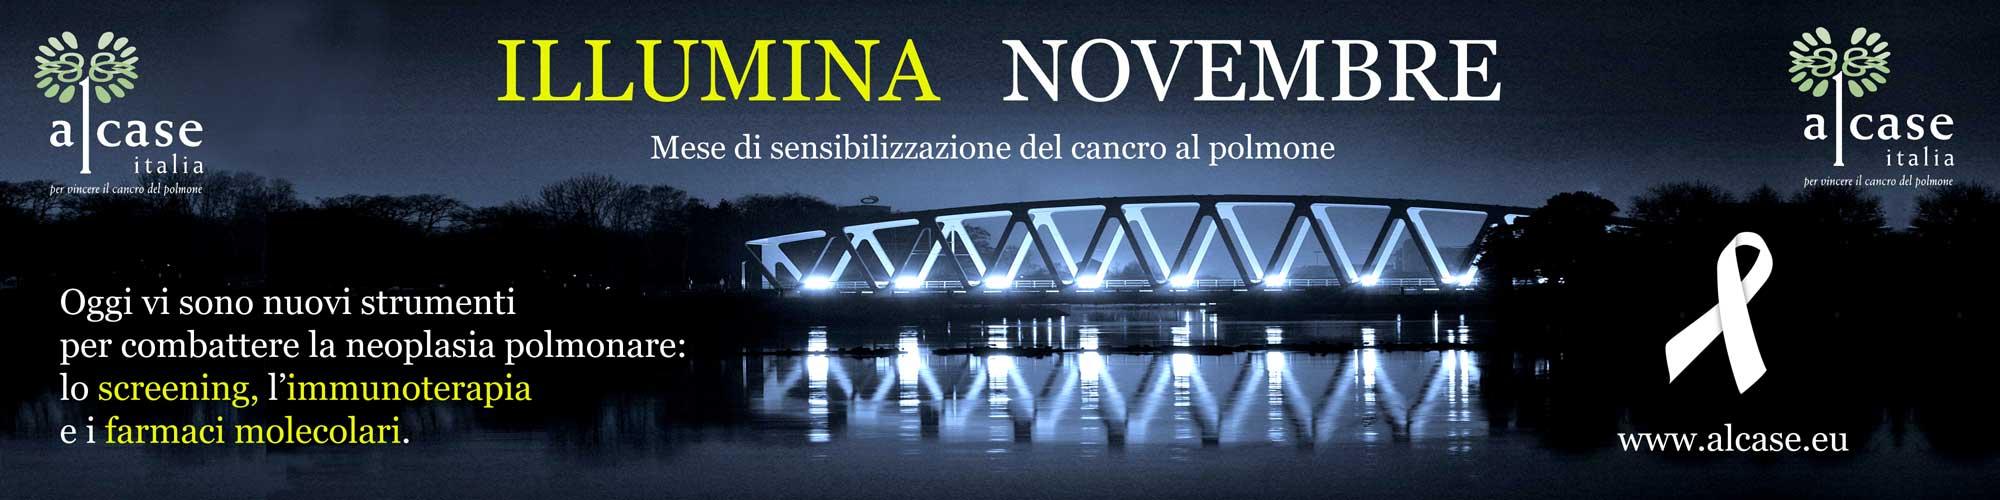 illumina novembre 2021